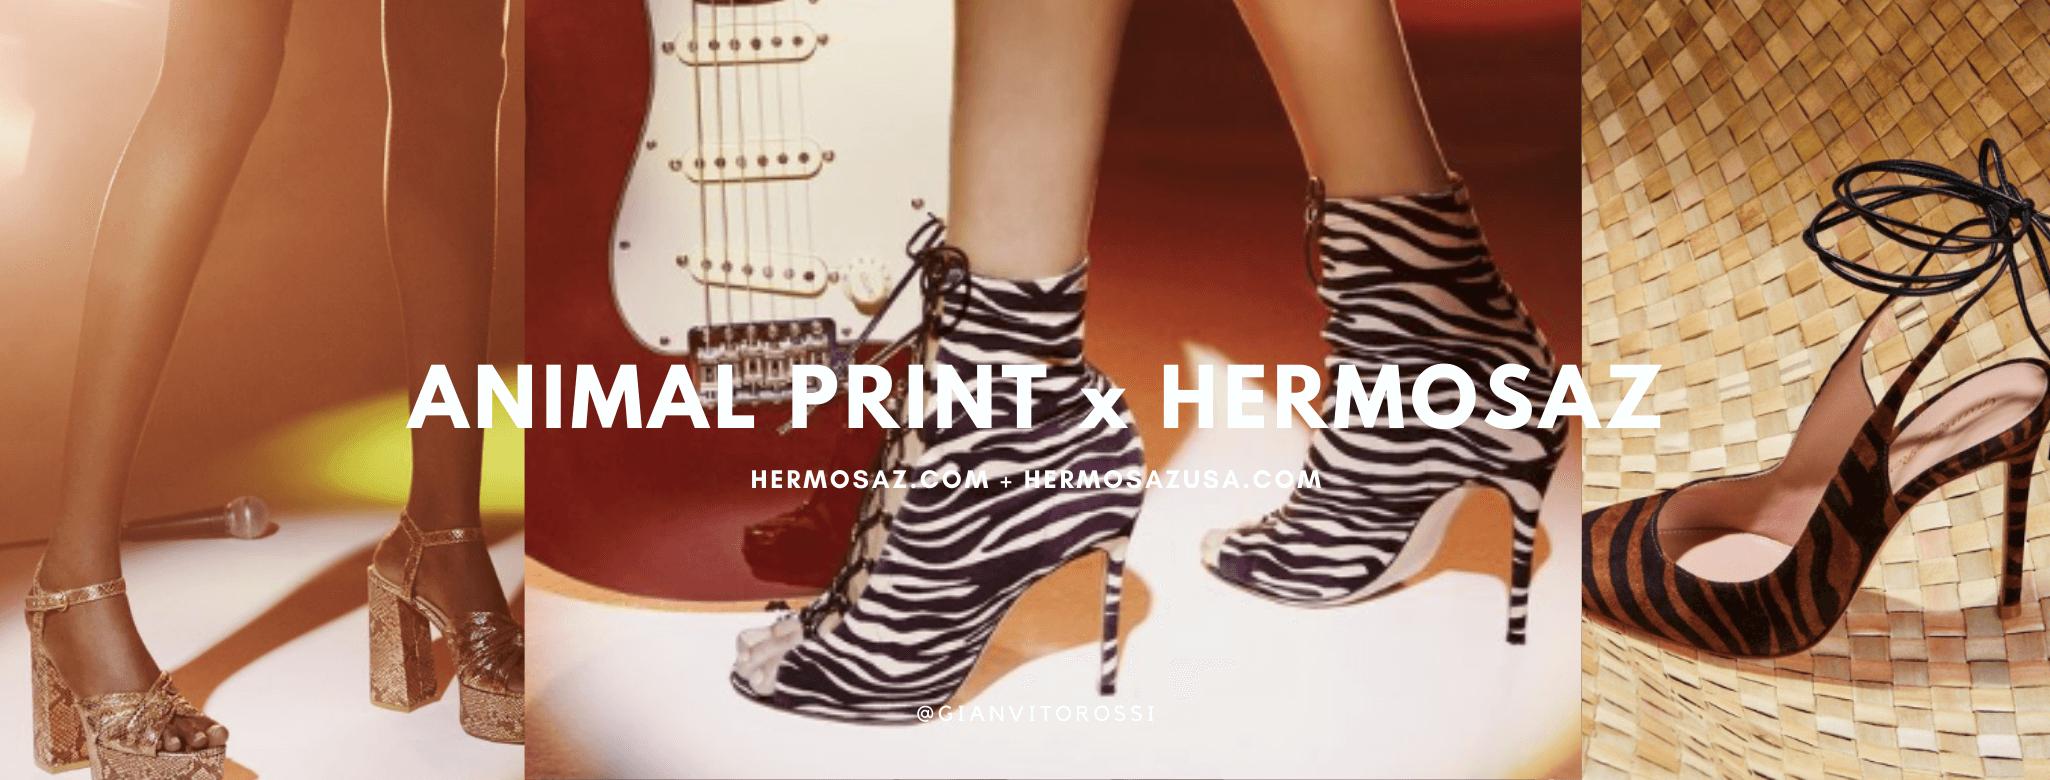 Animal Print x Hermosaz